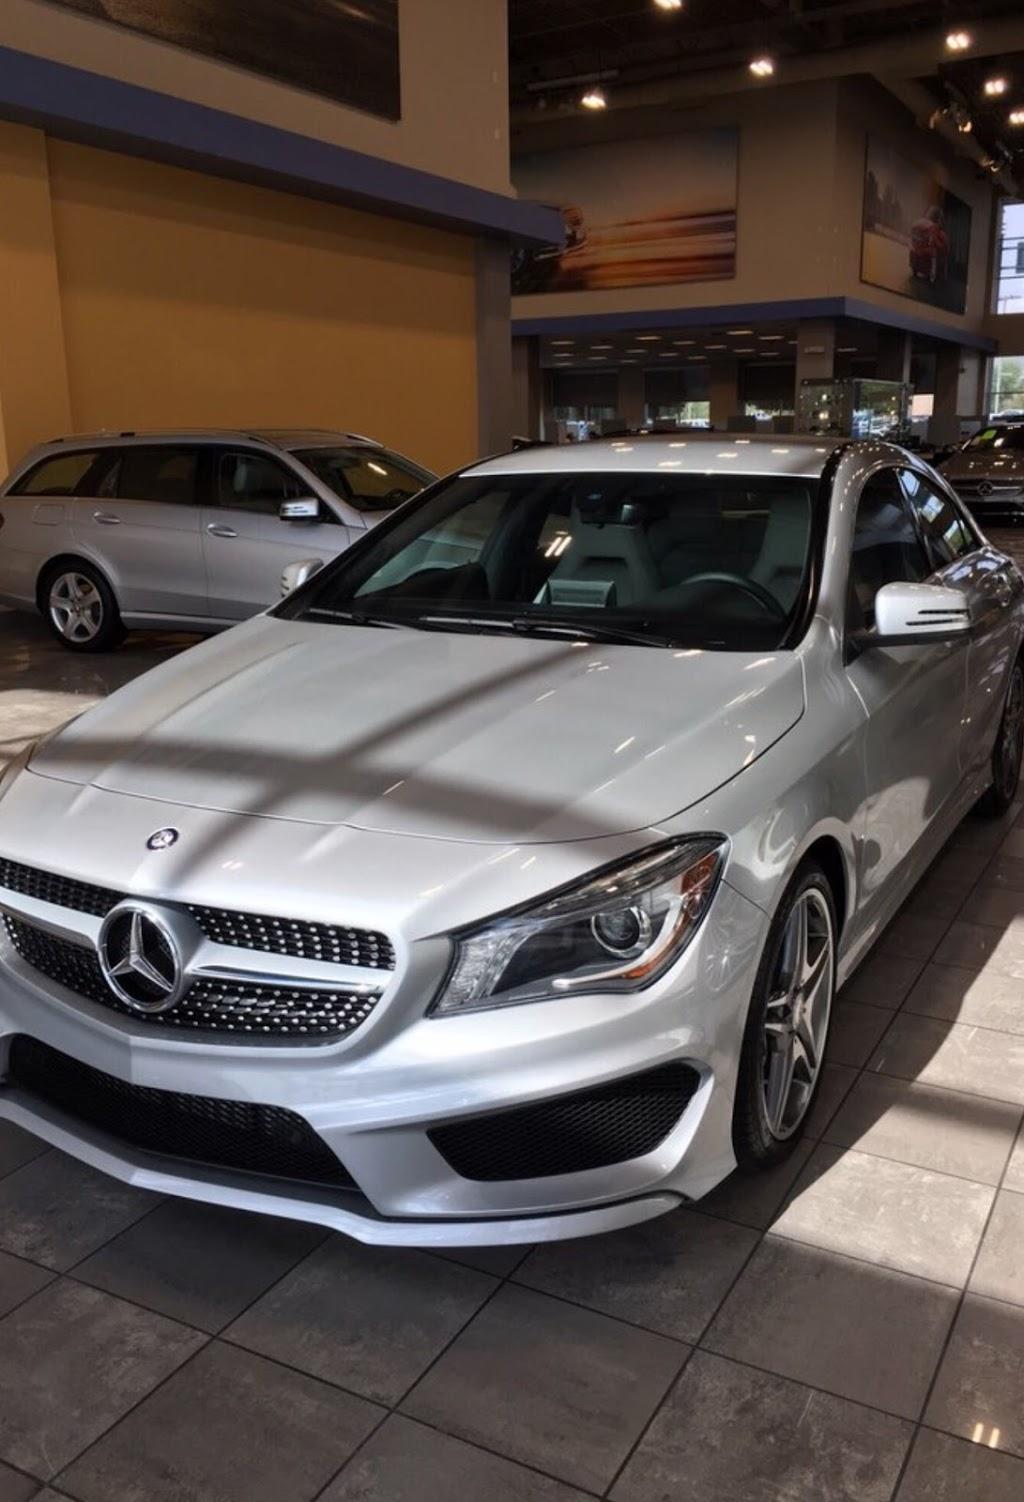 Mercedes-Benz of Chandler - car dealer    Photo 9 of 10   Address: 7450 W Orchid Ln, Chandler, AZ 85226, USA   Phone: (480) 470-8687